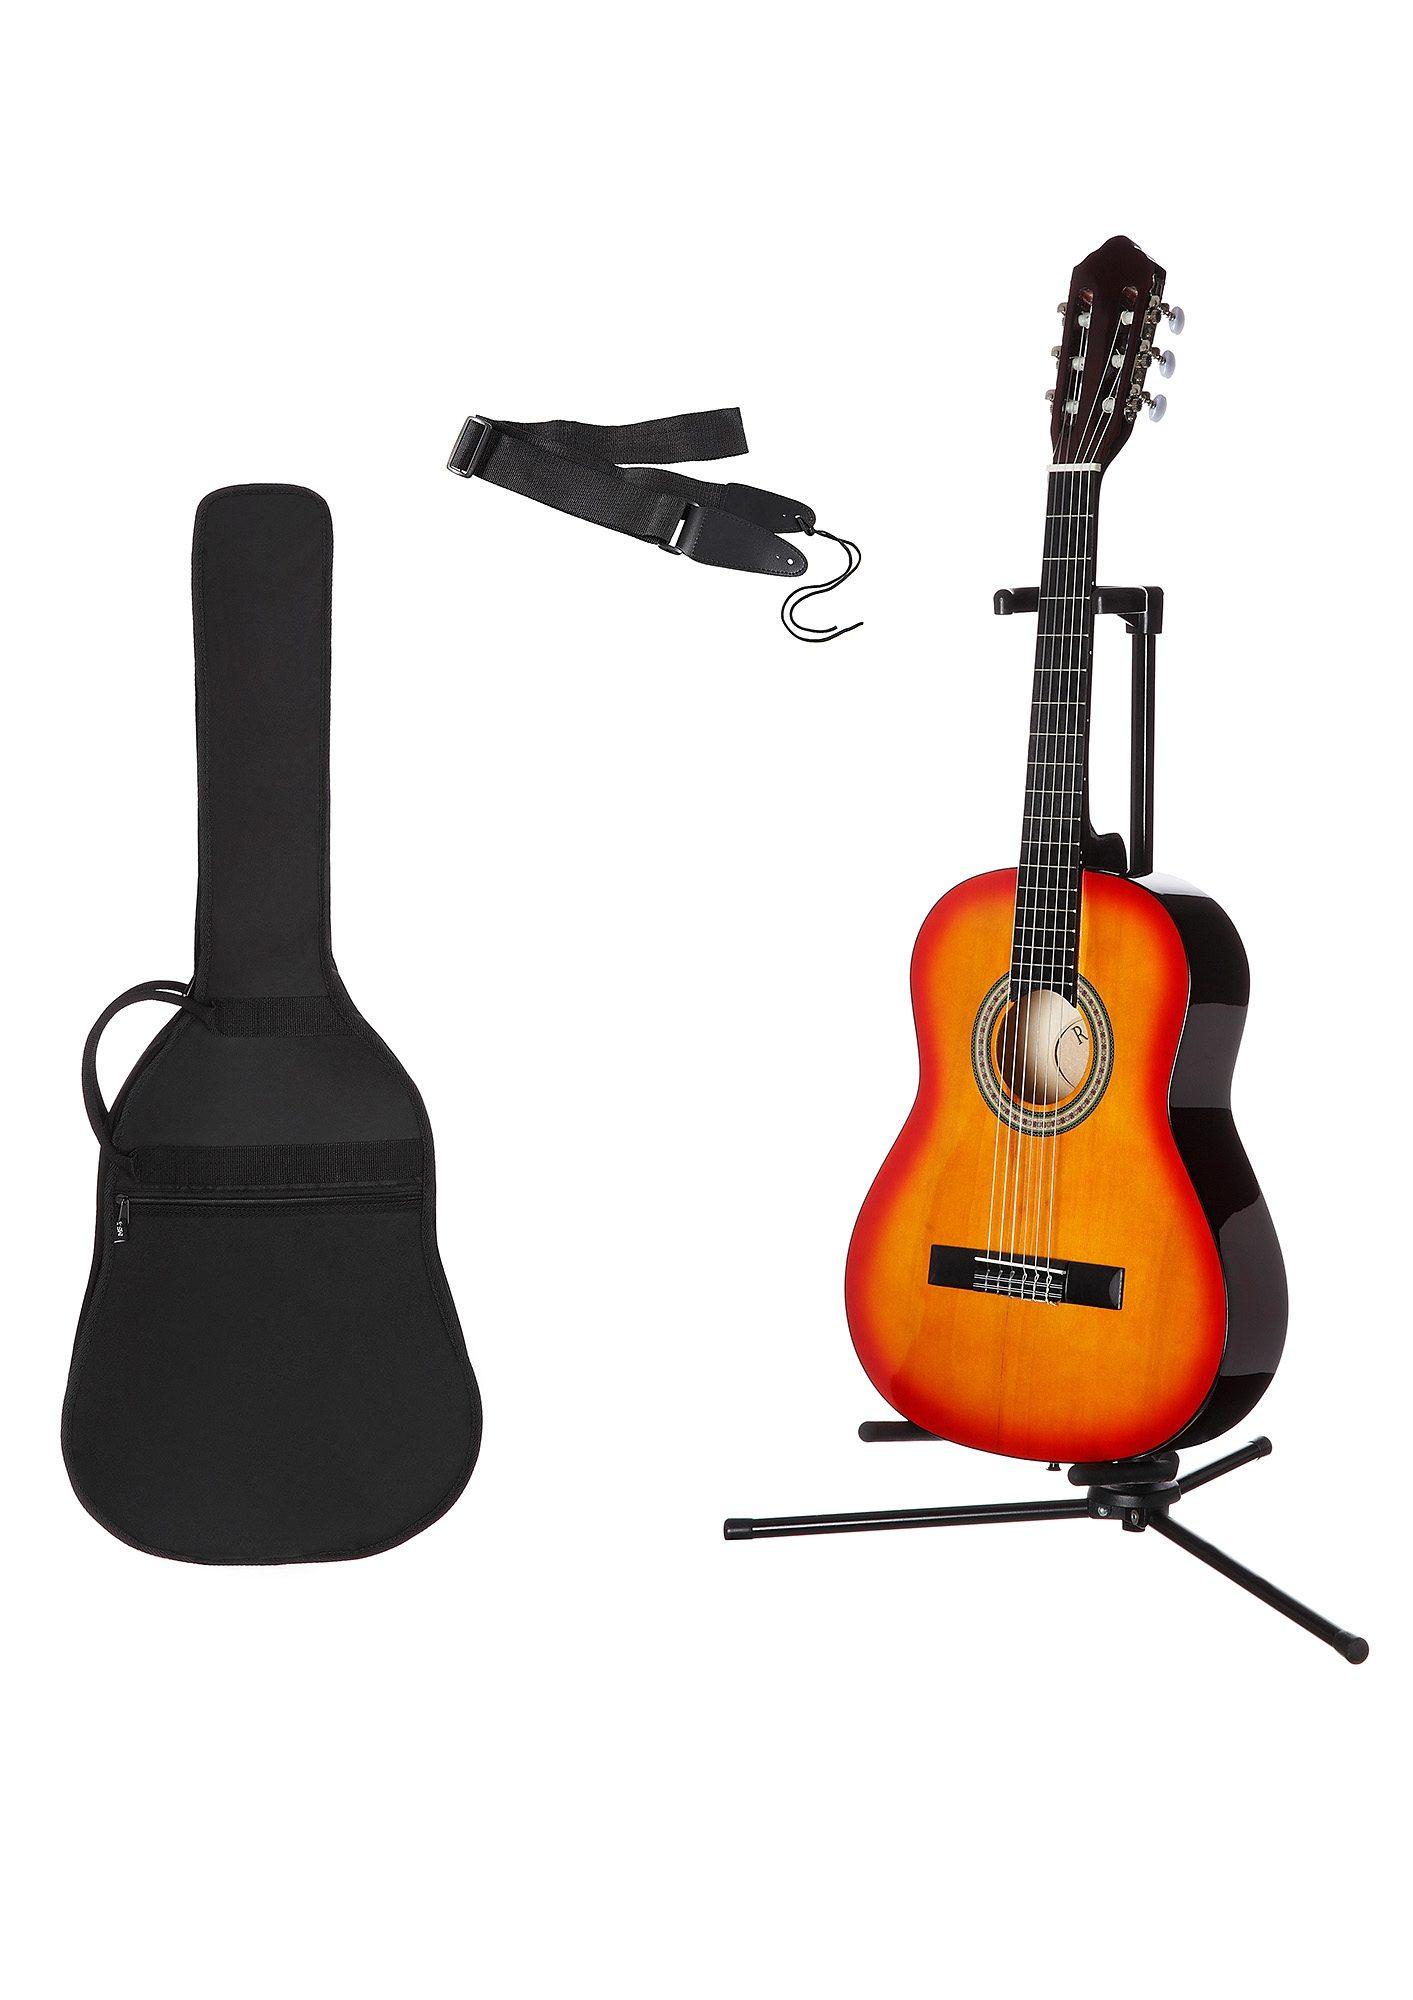 Kindergitarre für Rechts- und Linkshänder Konzertgitarren-Set 3/4 MSA Preisvergleich